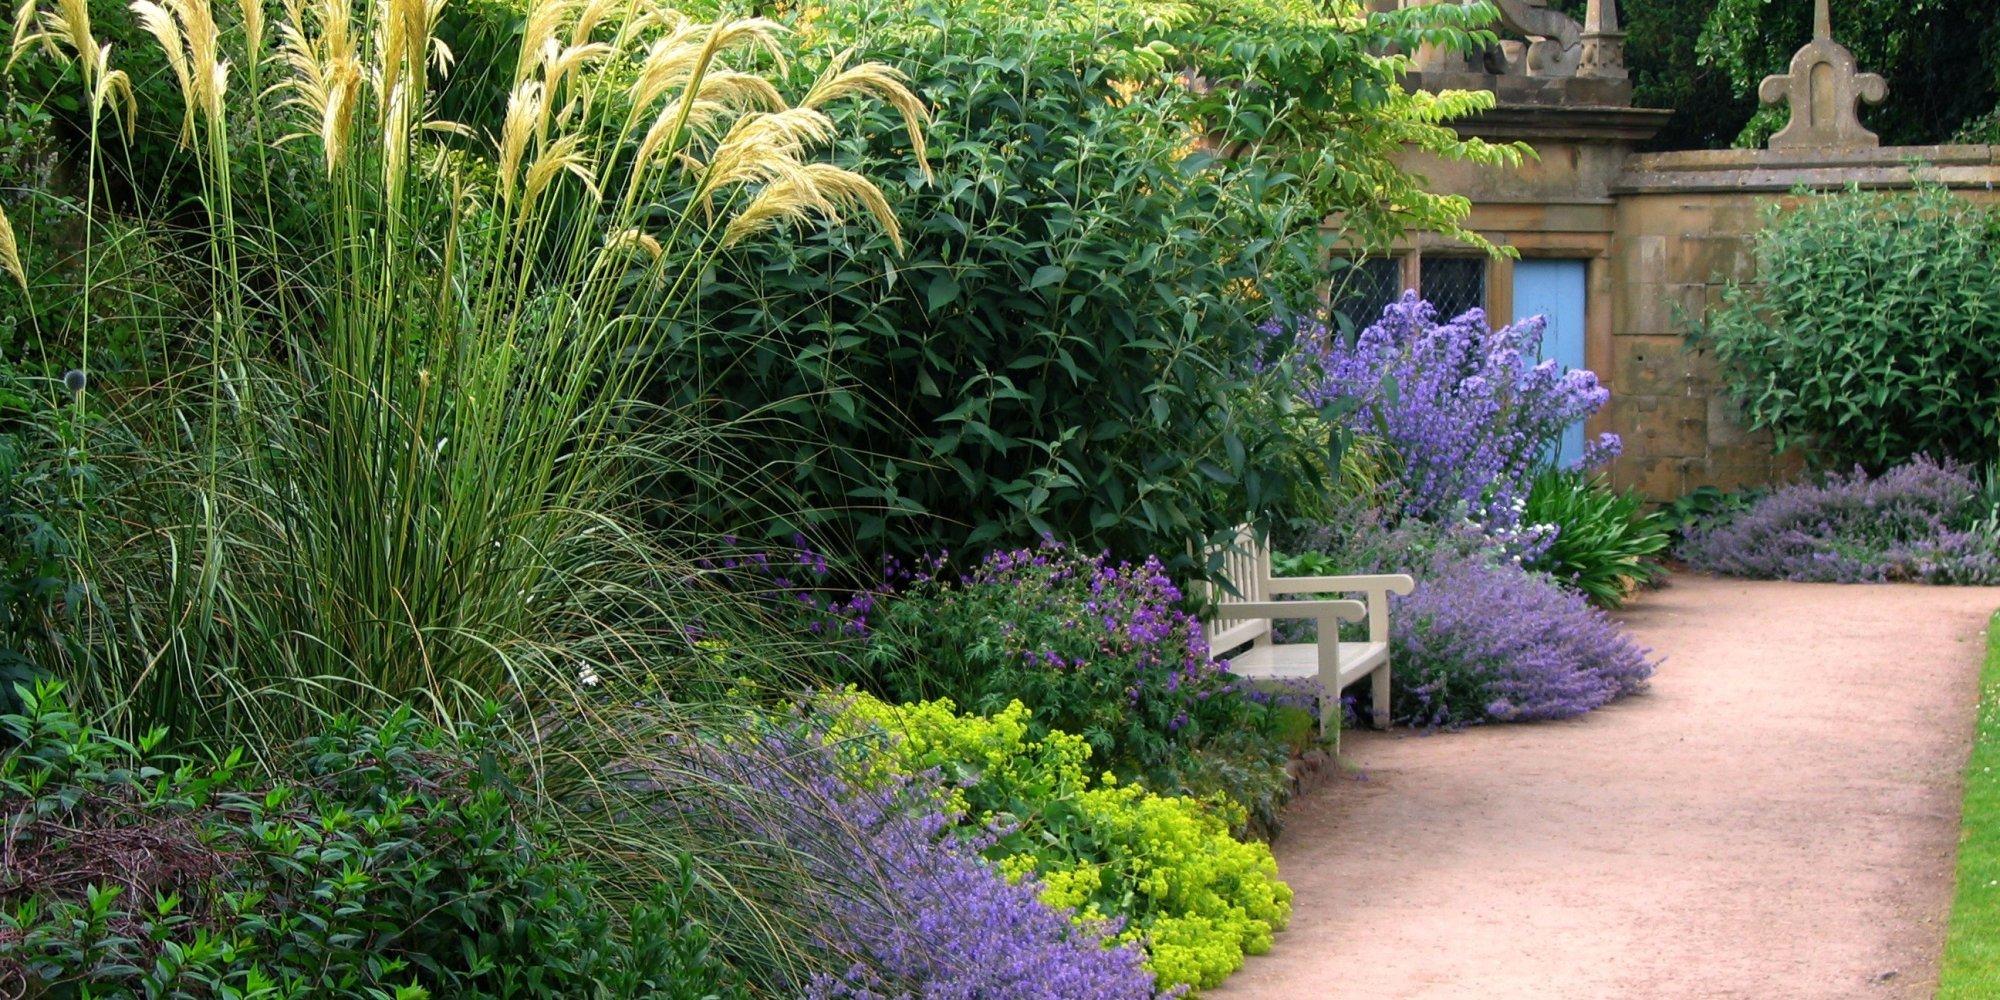 Comment d sherber son jardin sans produits chimiques ce - Amenagement jardin sans pelouse ...